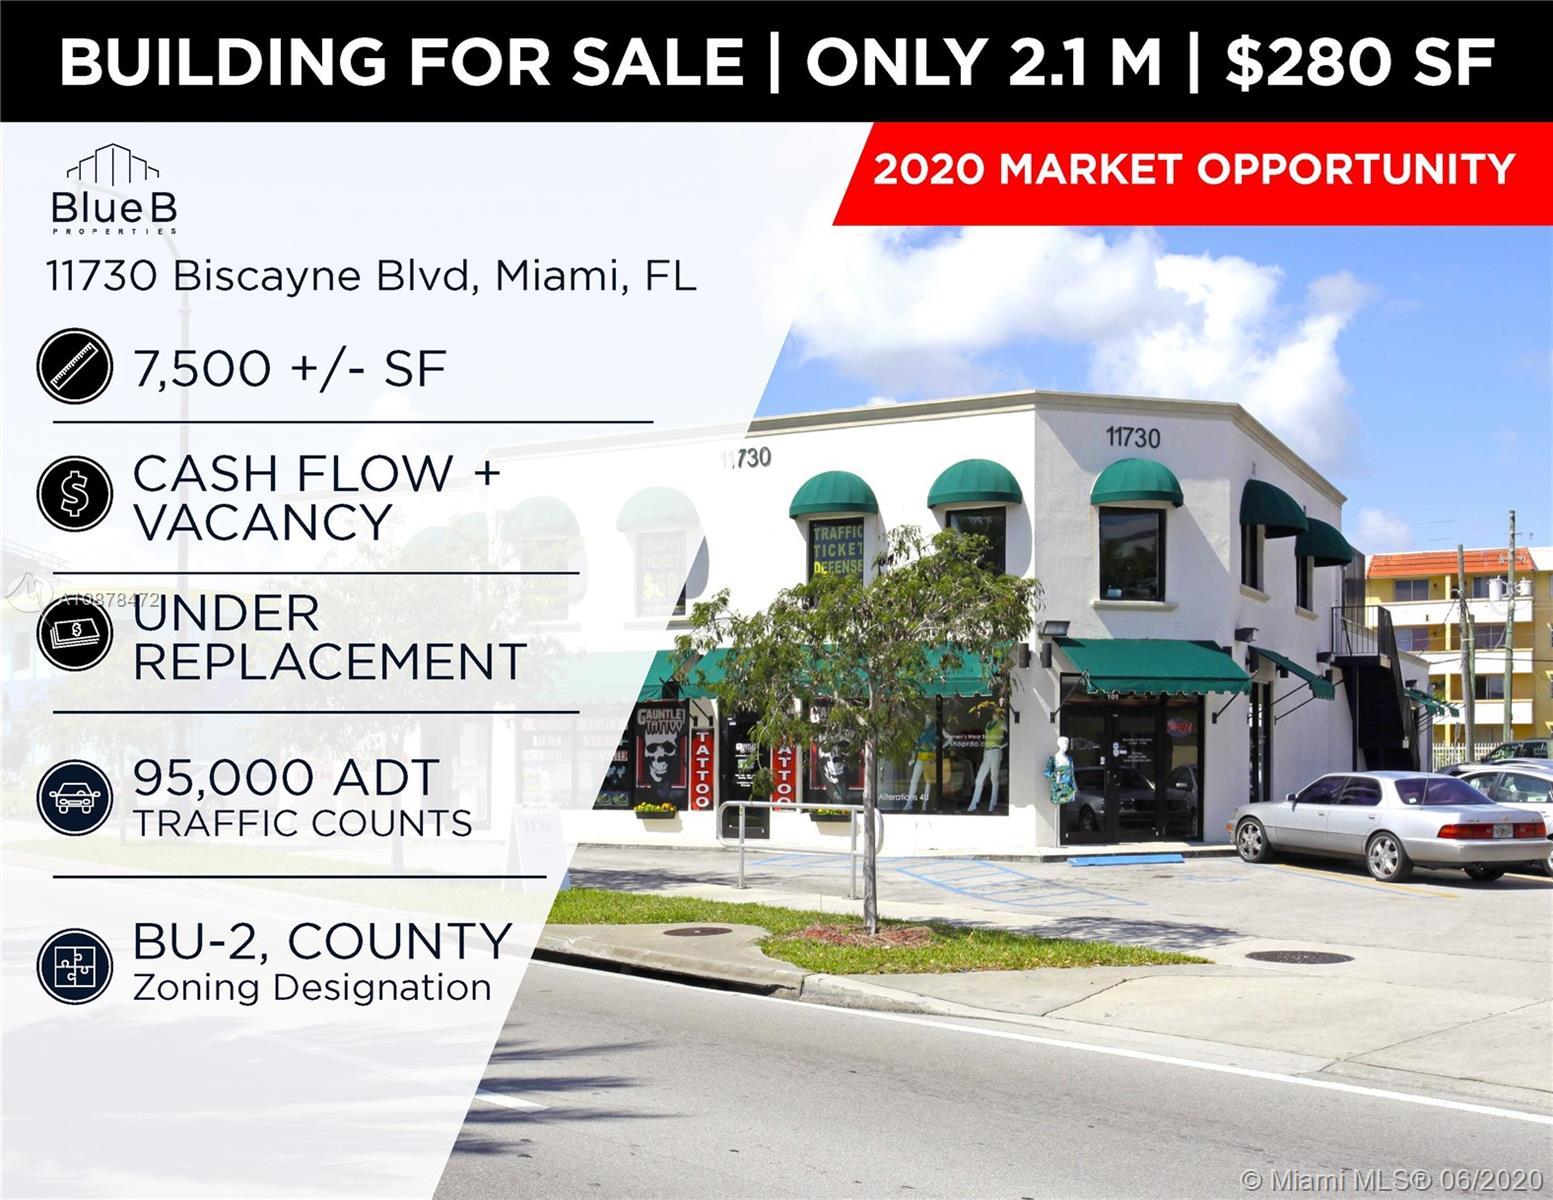 image #1 of property, 11730 Biscayne Blvd